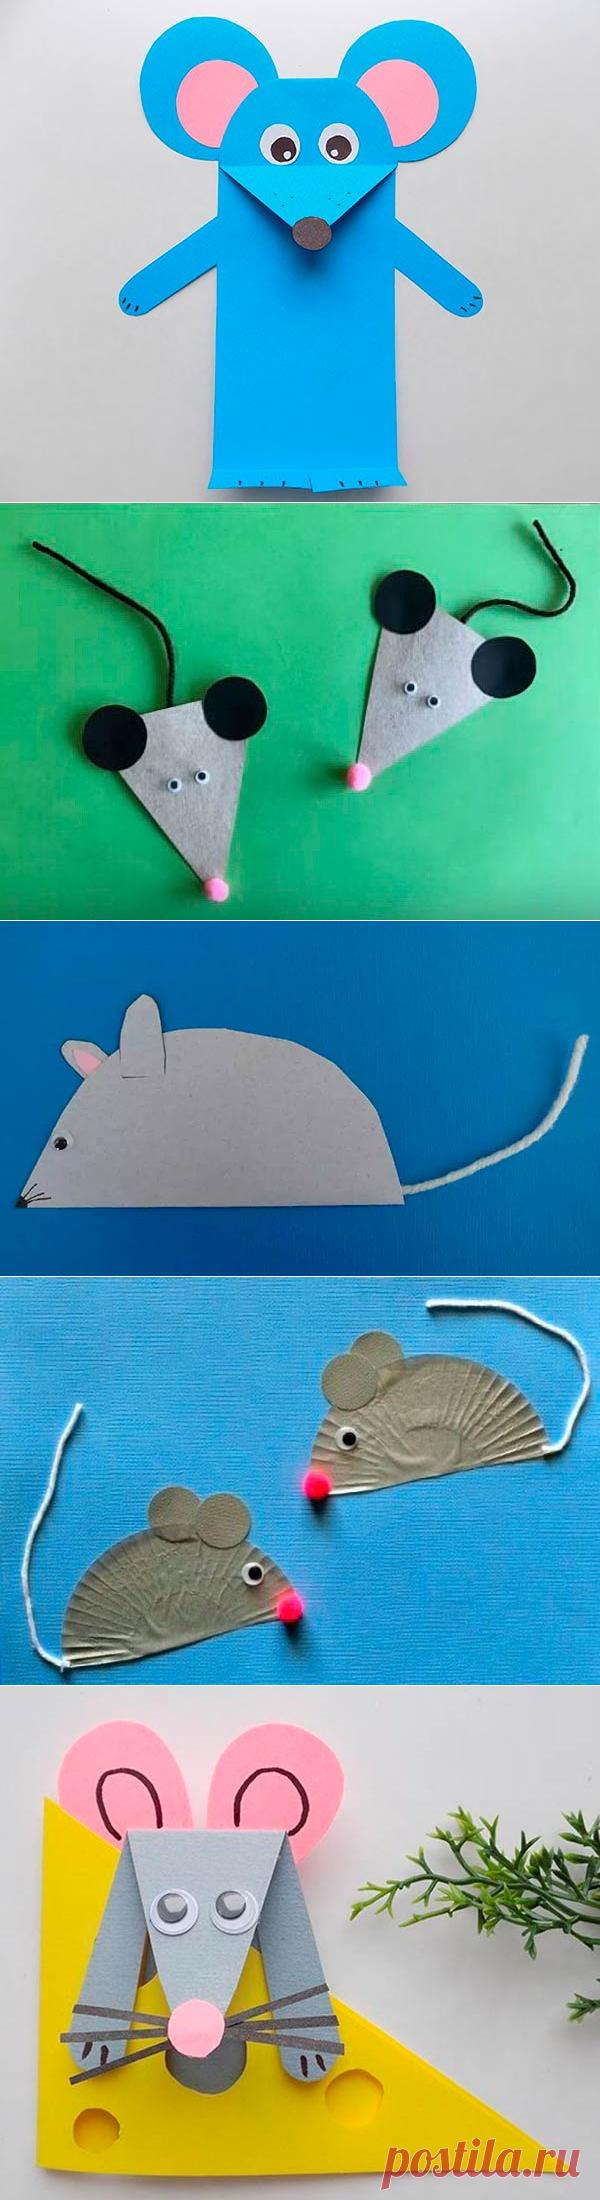 Аппликация мыши: шаблоны для вырезания, мышка из геометрических фигур с мышатами, мышонок из цветной бумаги с сыром для малышей детского сада и школы